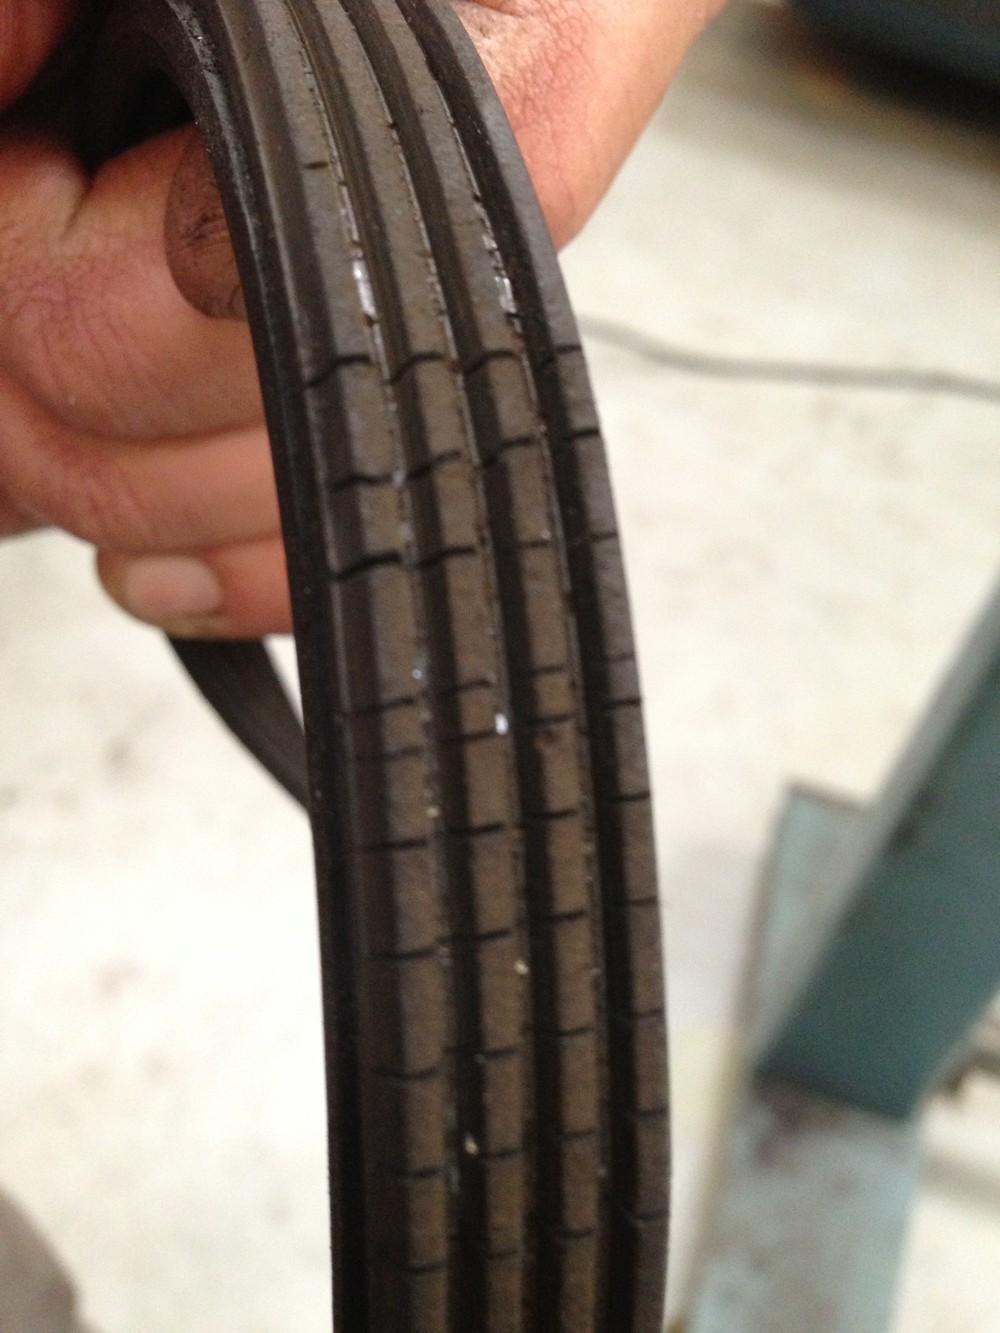 Correias quebradiças podem se romper e causar danos graves ao motor - e elas são baratas — Foto: Denis Marum